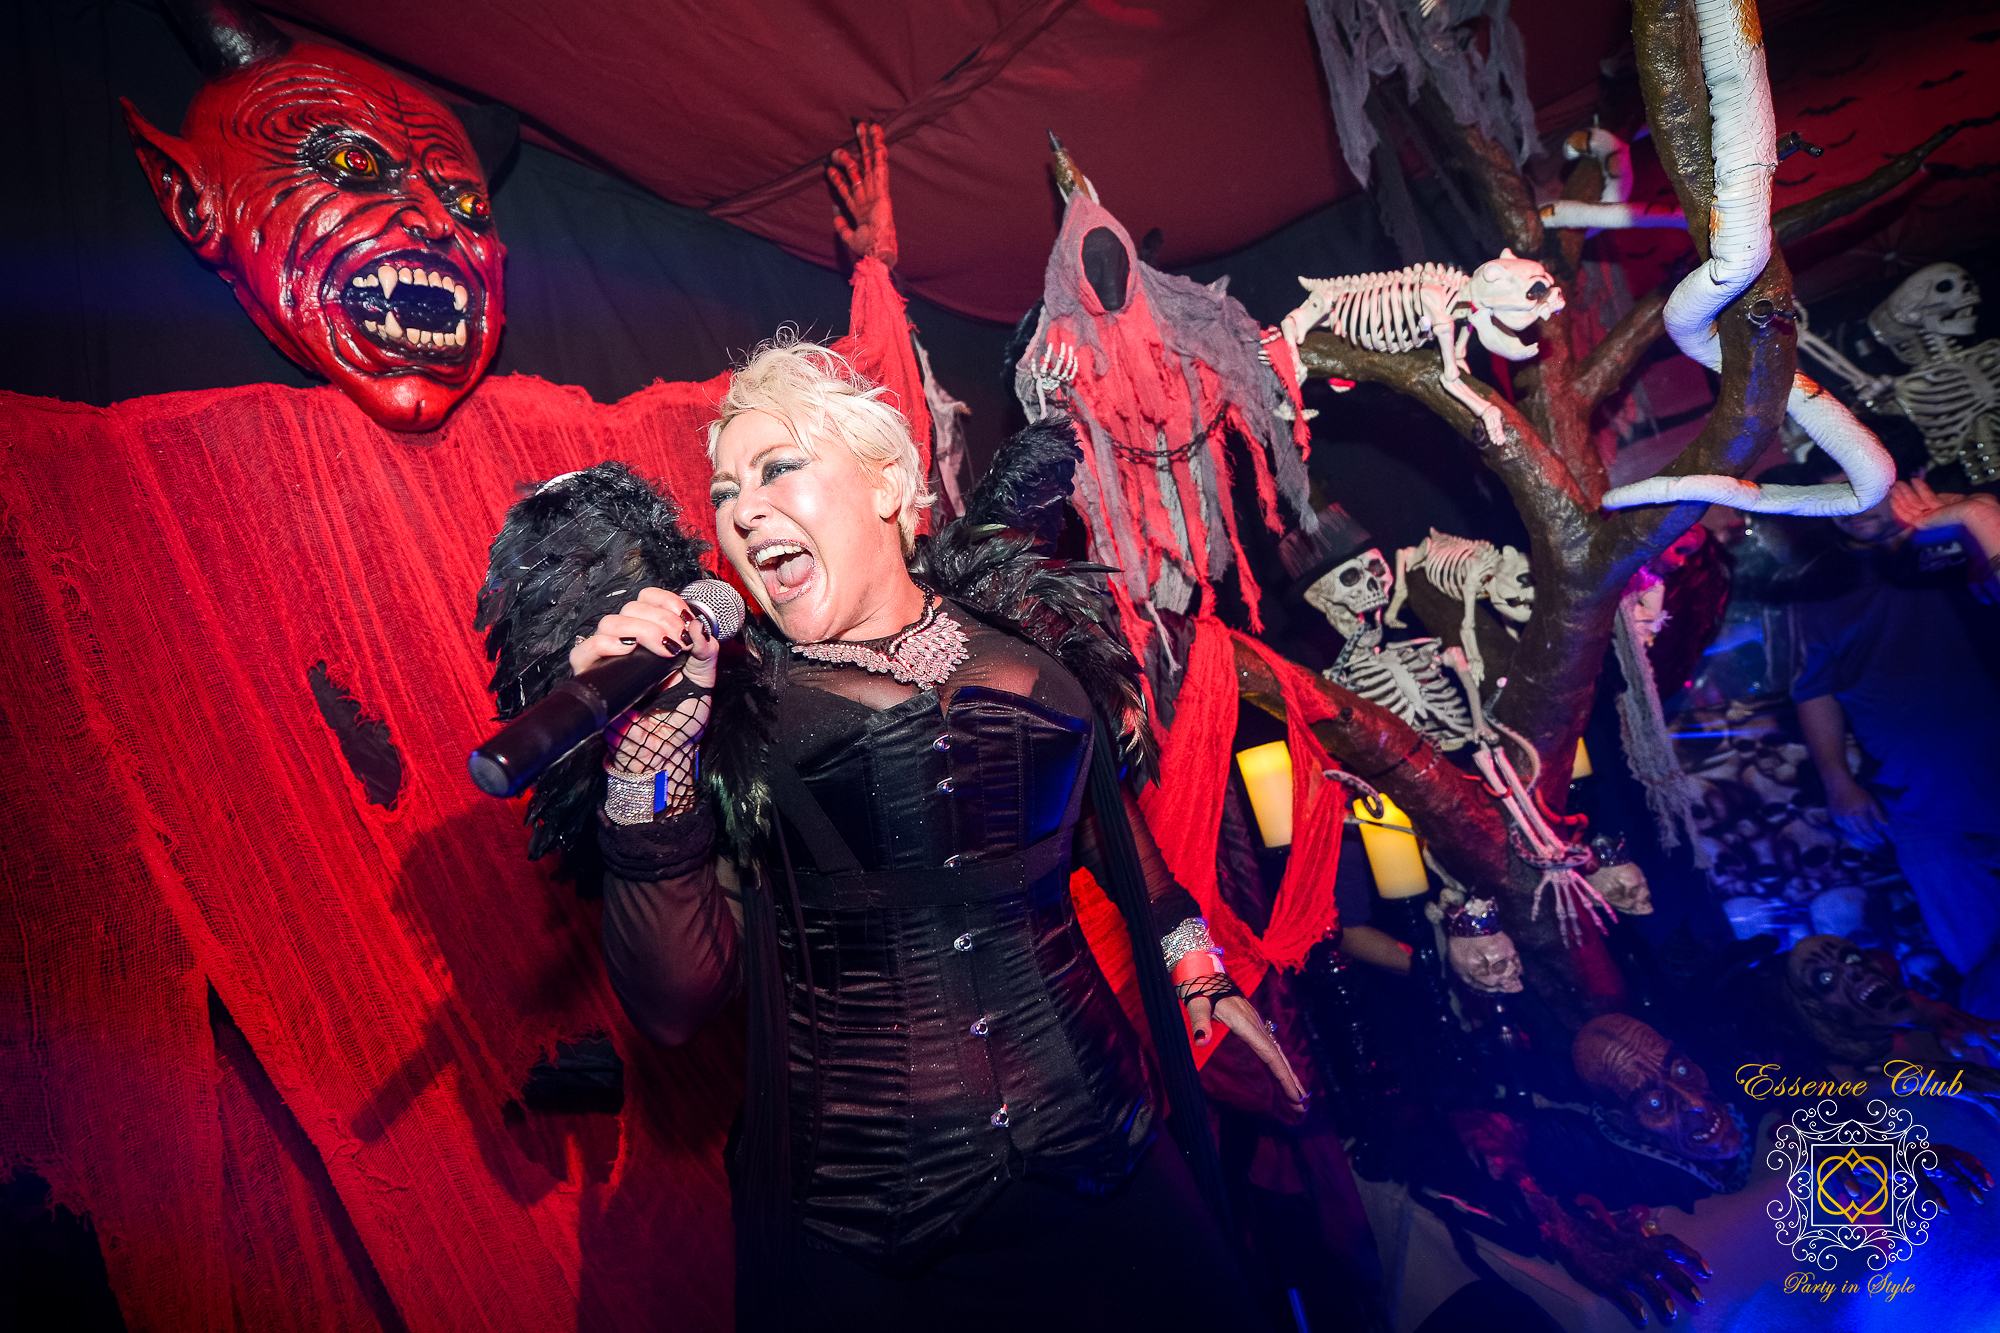 Soraya vivian singing in hell